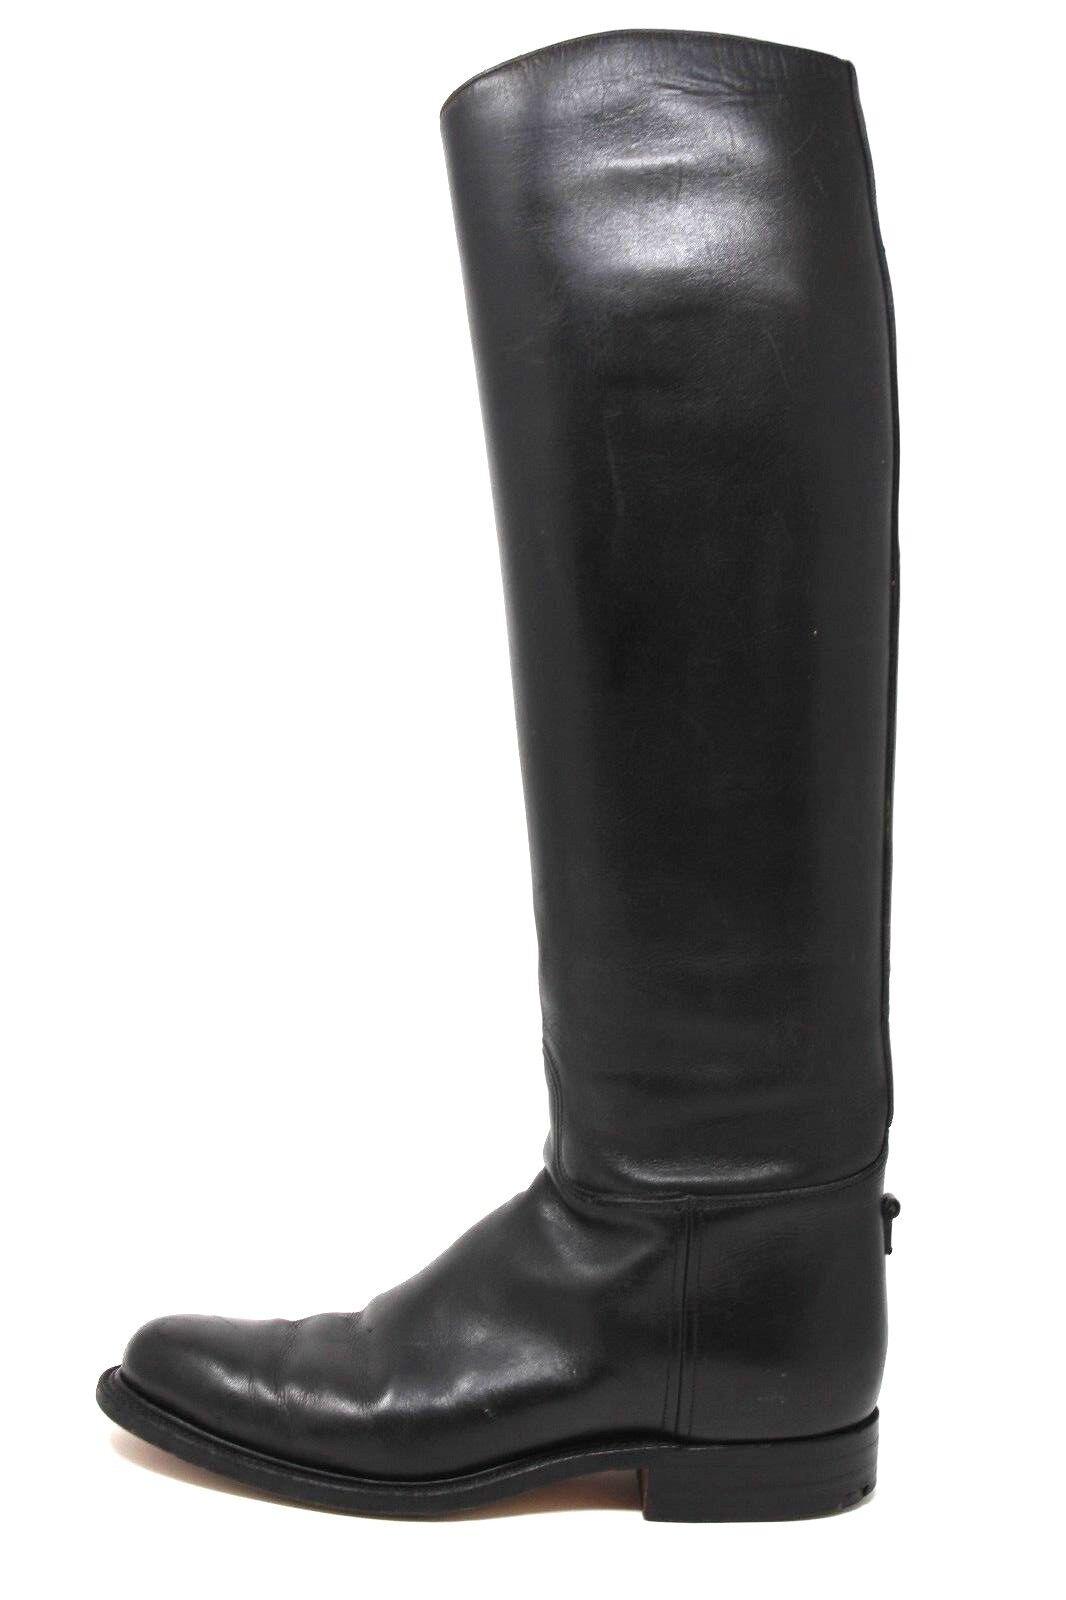 Ecuestre Equitación patrulla Dehner Dehner Dehner Básico Vestido De Piel De Becerro Negro botas De Polo Personalizado  a precios asequibles